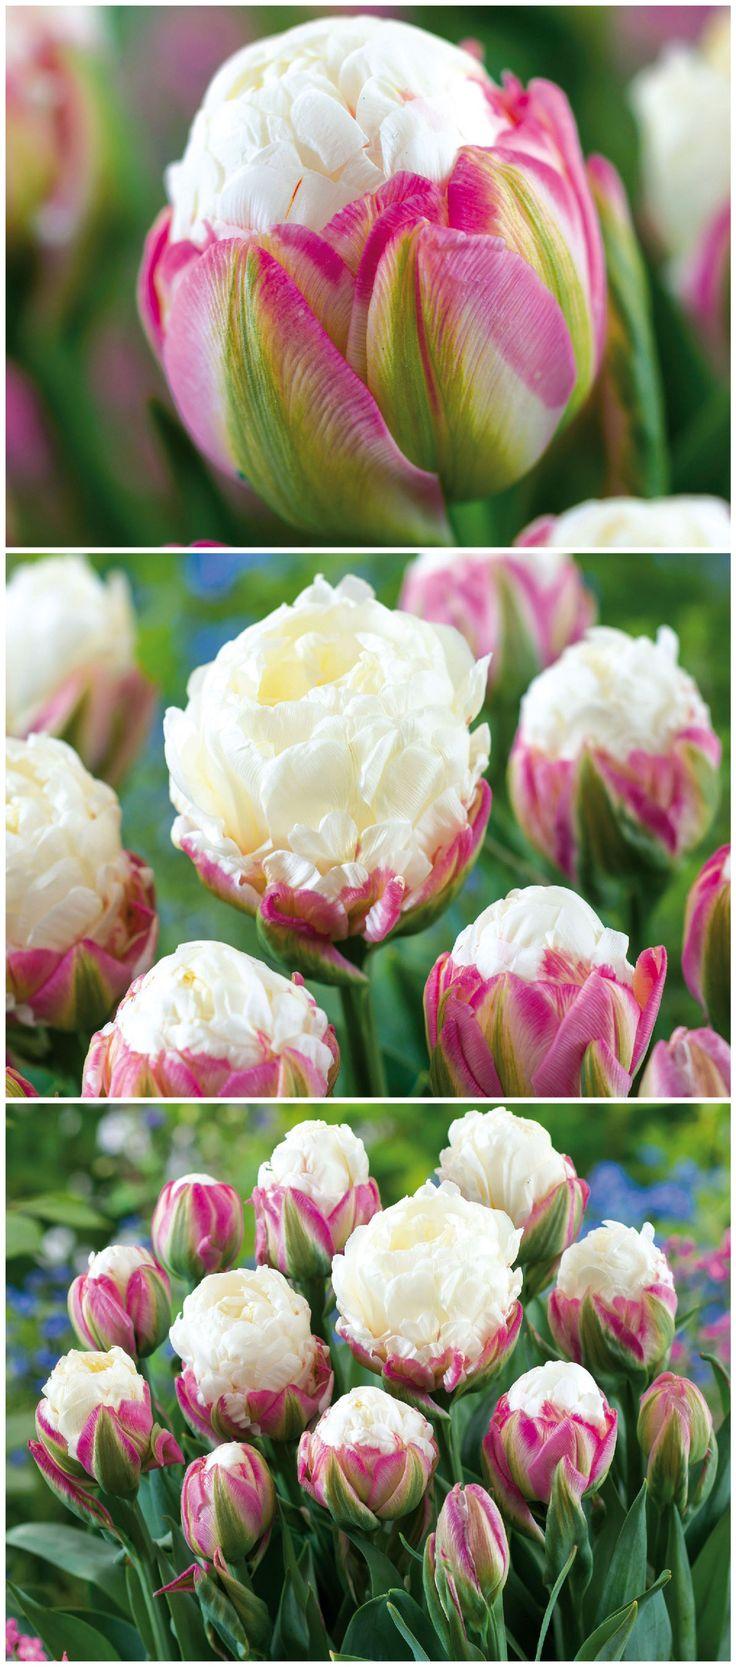 Elegant Atemberaubend sch n und au ergew hnlich sind die Bl ten der gef llten sp ten Tulpen uIce Cream u